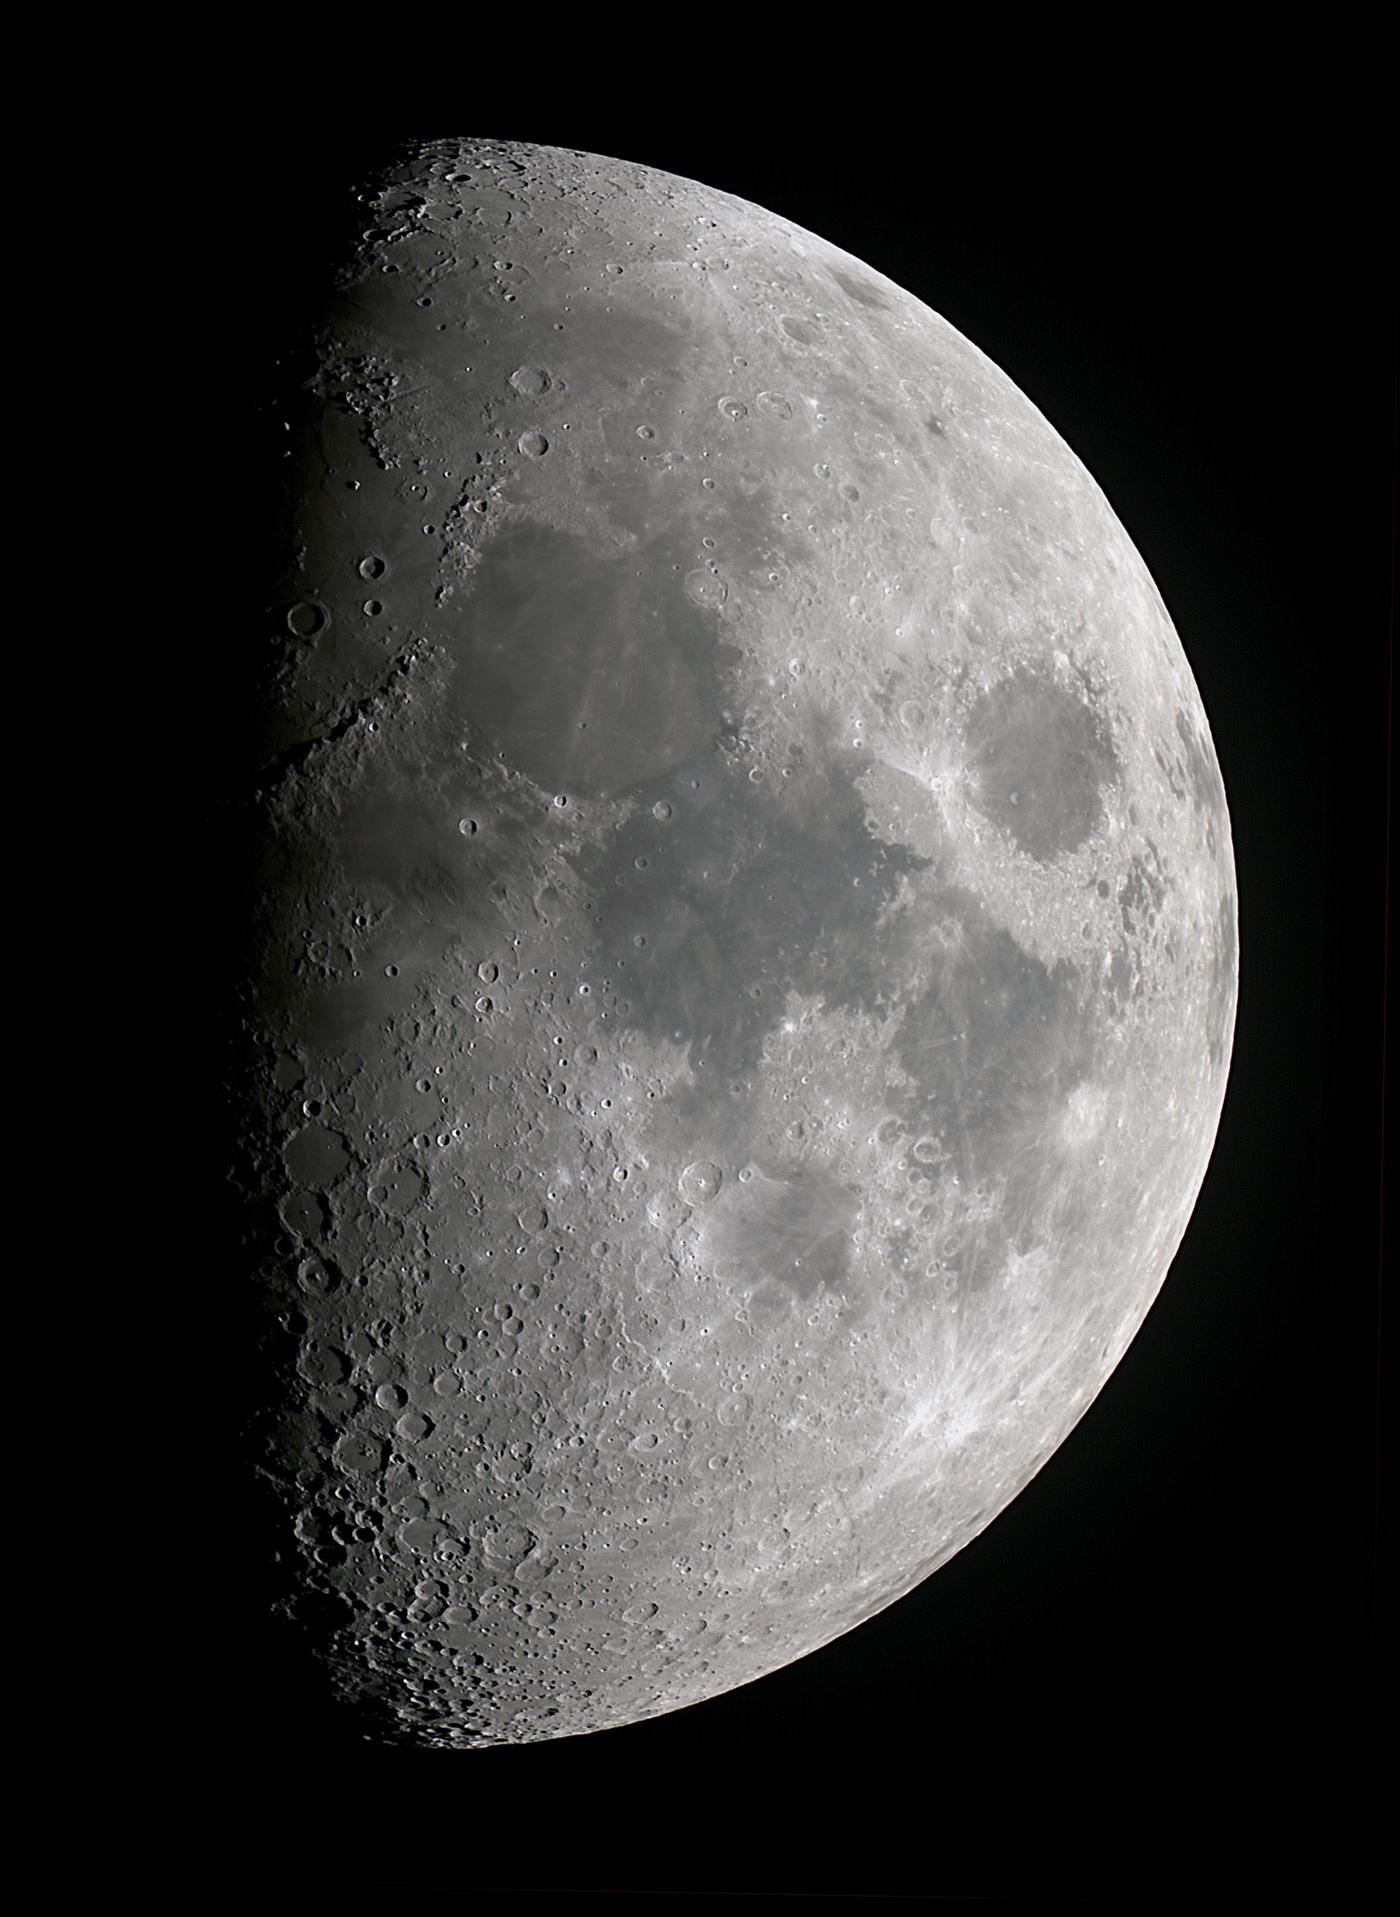 lune28102020terforum.jpg.16e00a23385e05893084c764a0e790e1.jpg